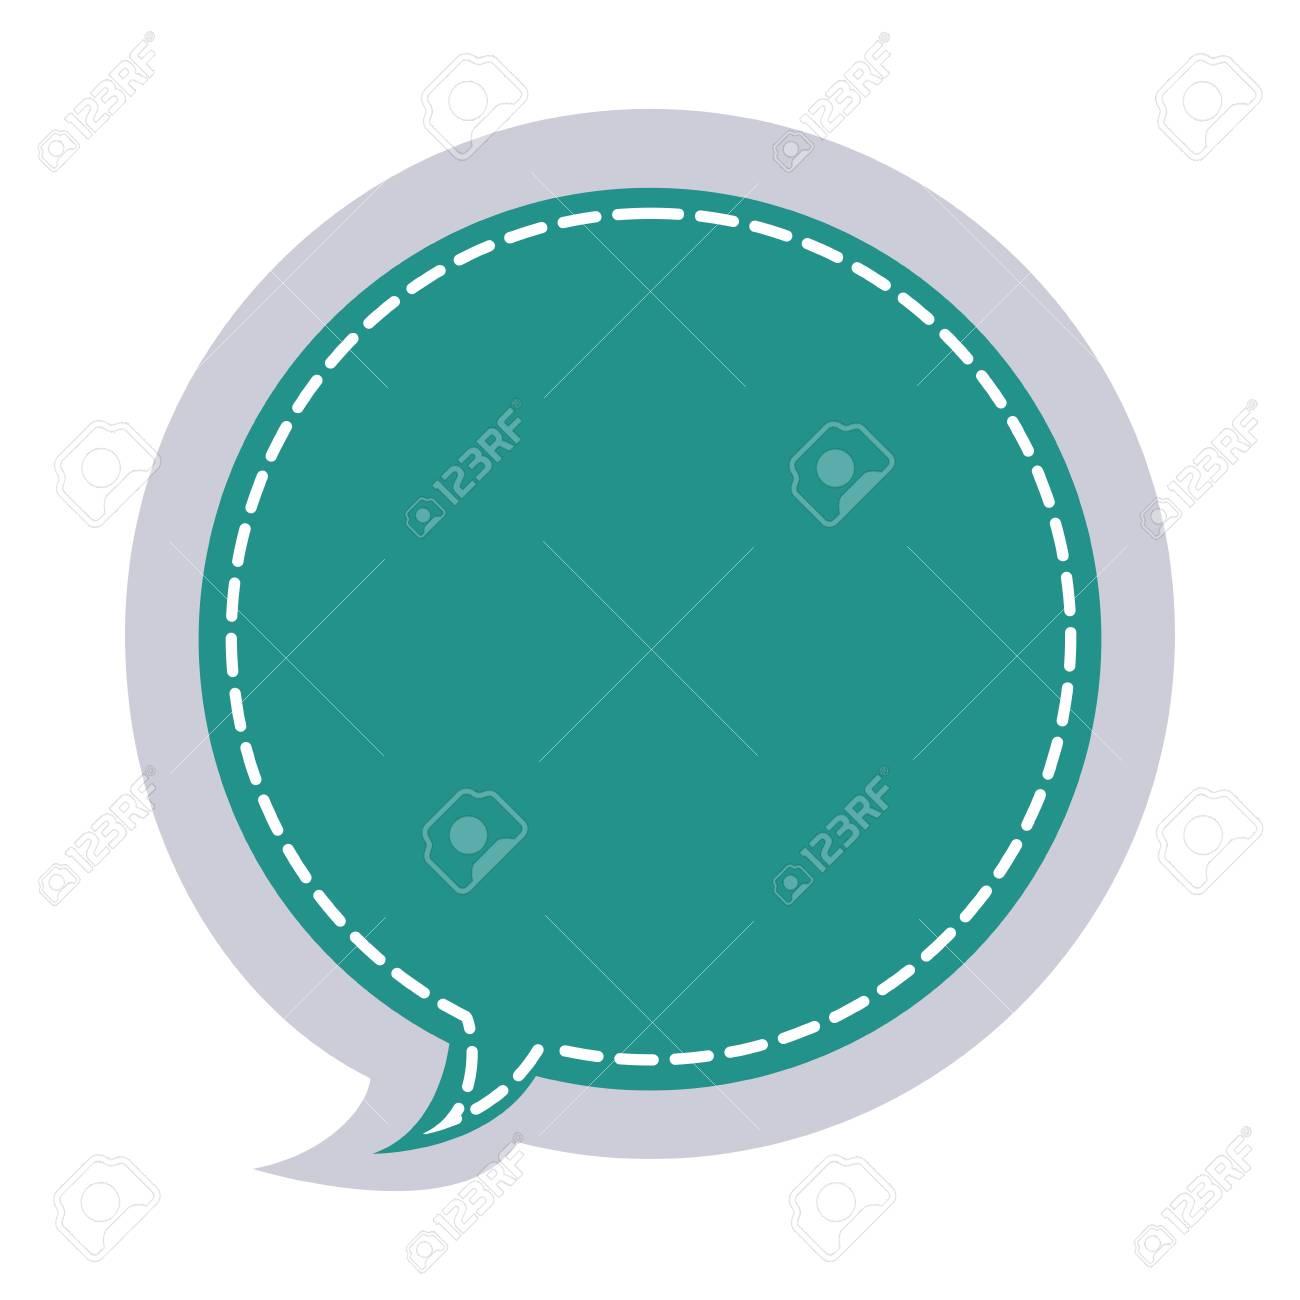 Sticker Circular Balloon Frame Callout Dialogue Vector Illustration ...